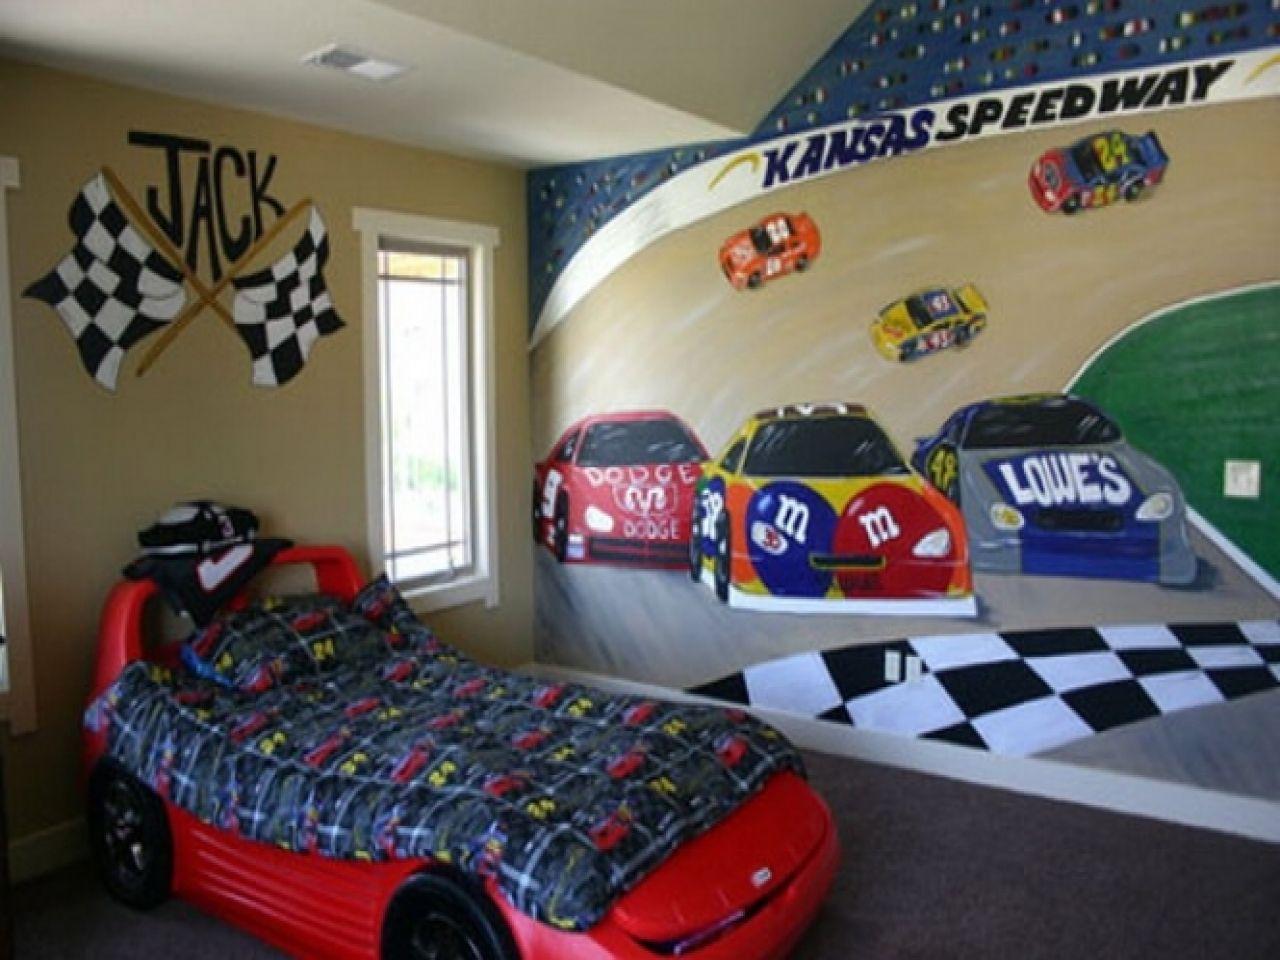 762b1d07d3315b27c6fa8c0c9aff16ab Nascar Wall Murals Racing Car